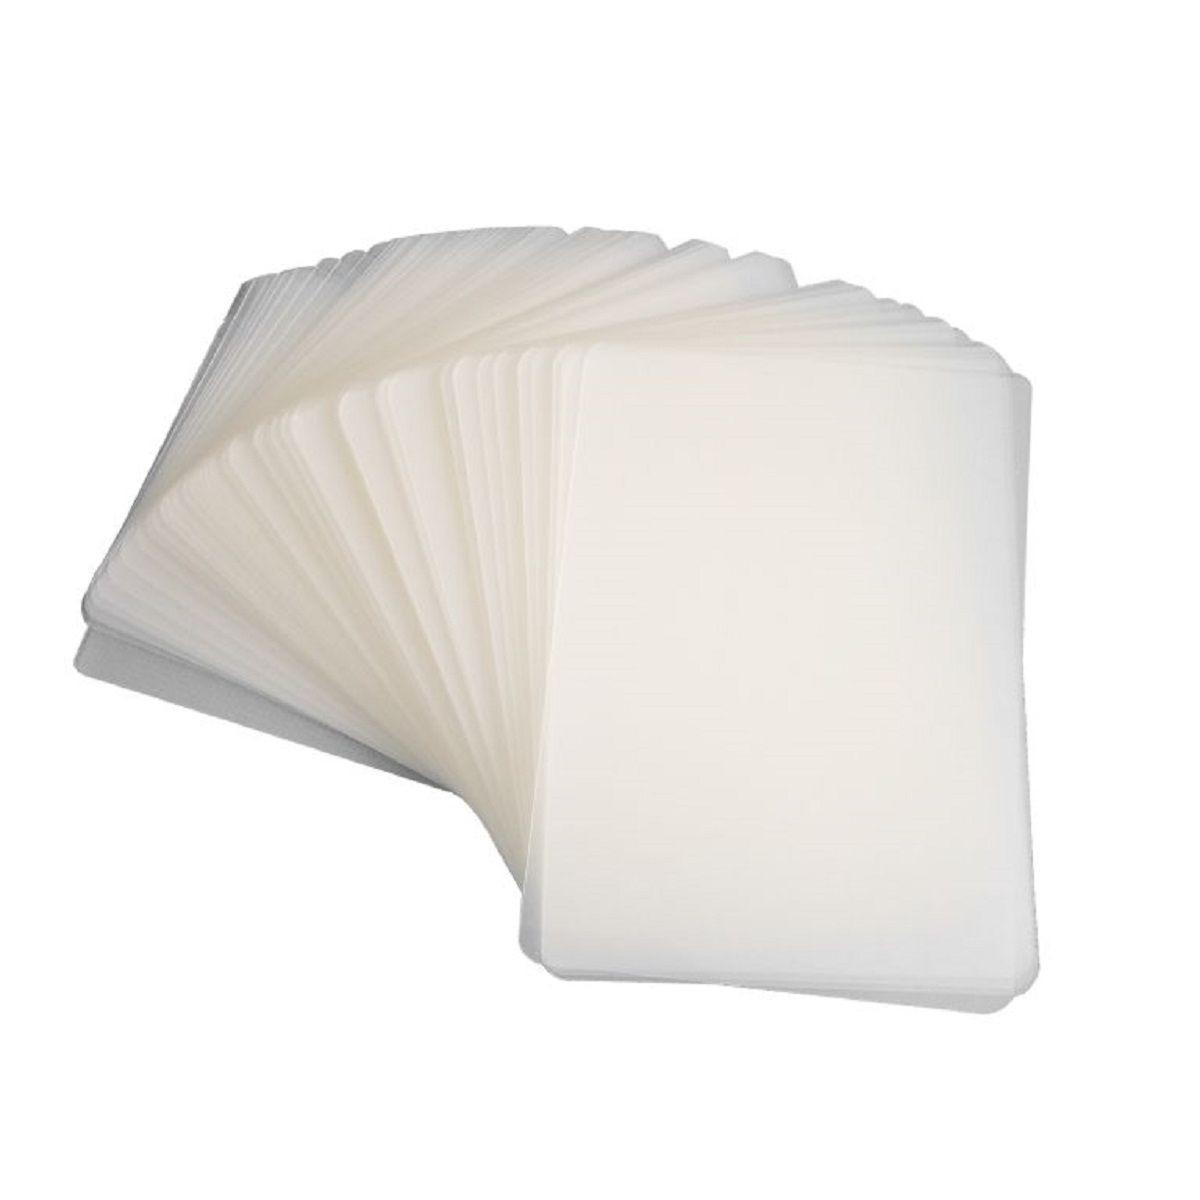 Kit 300 Plasticos Polaseal para Plastificação A4 220x307x0,05mm (125 micras)  - Click Suprimentos